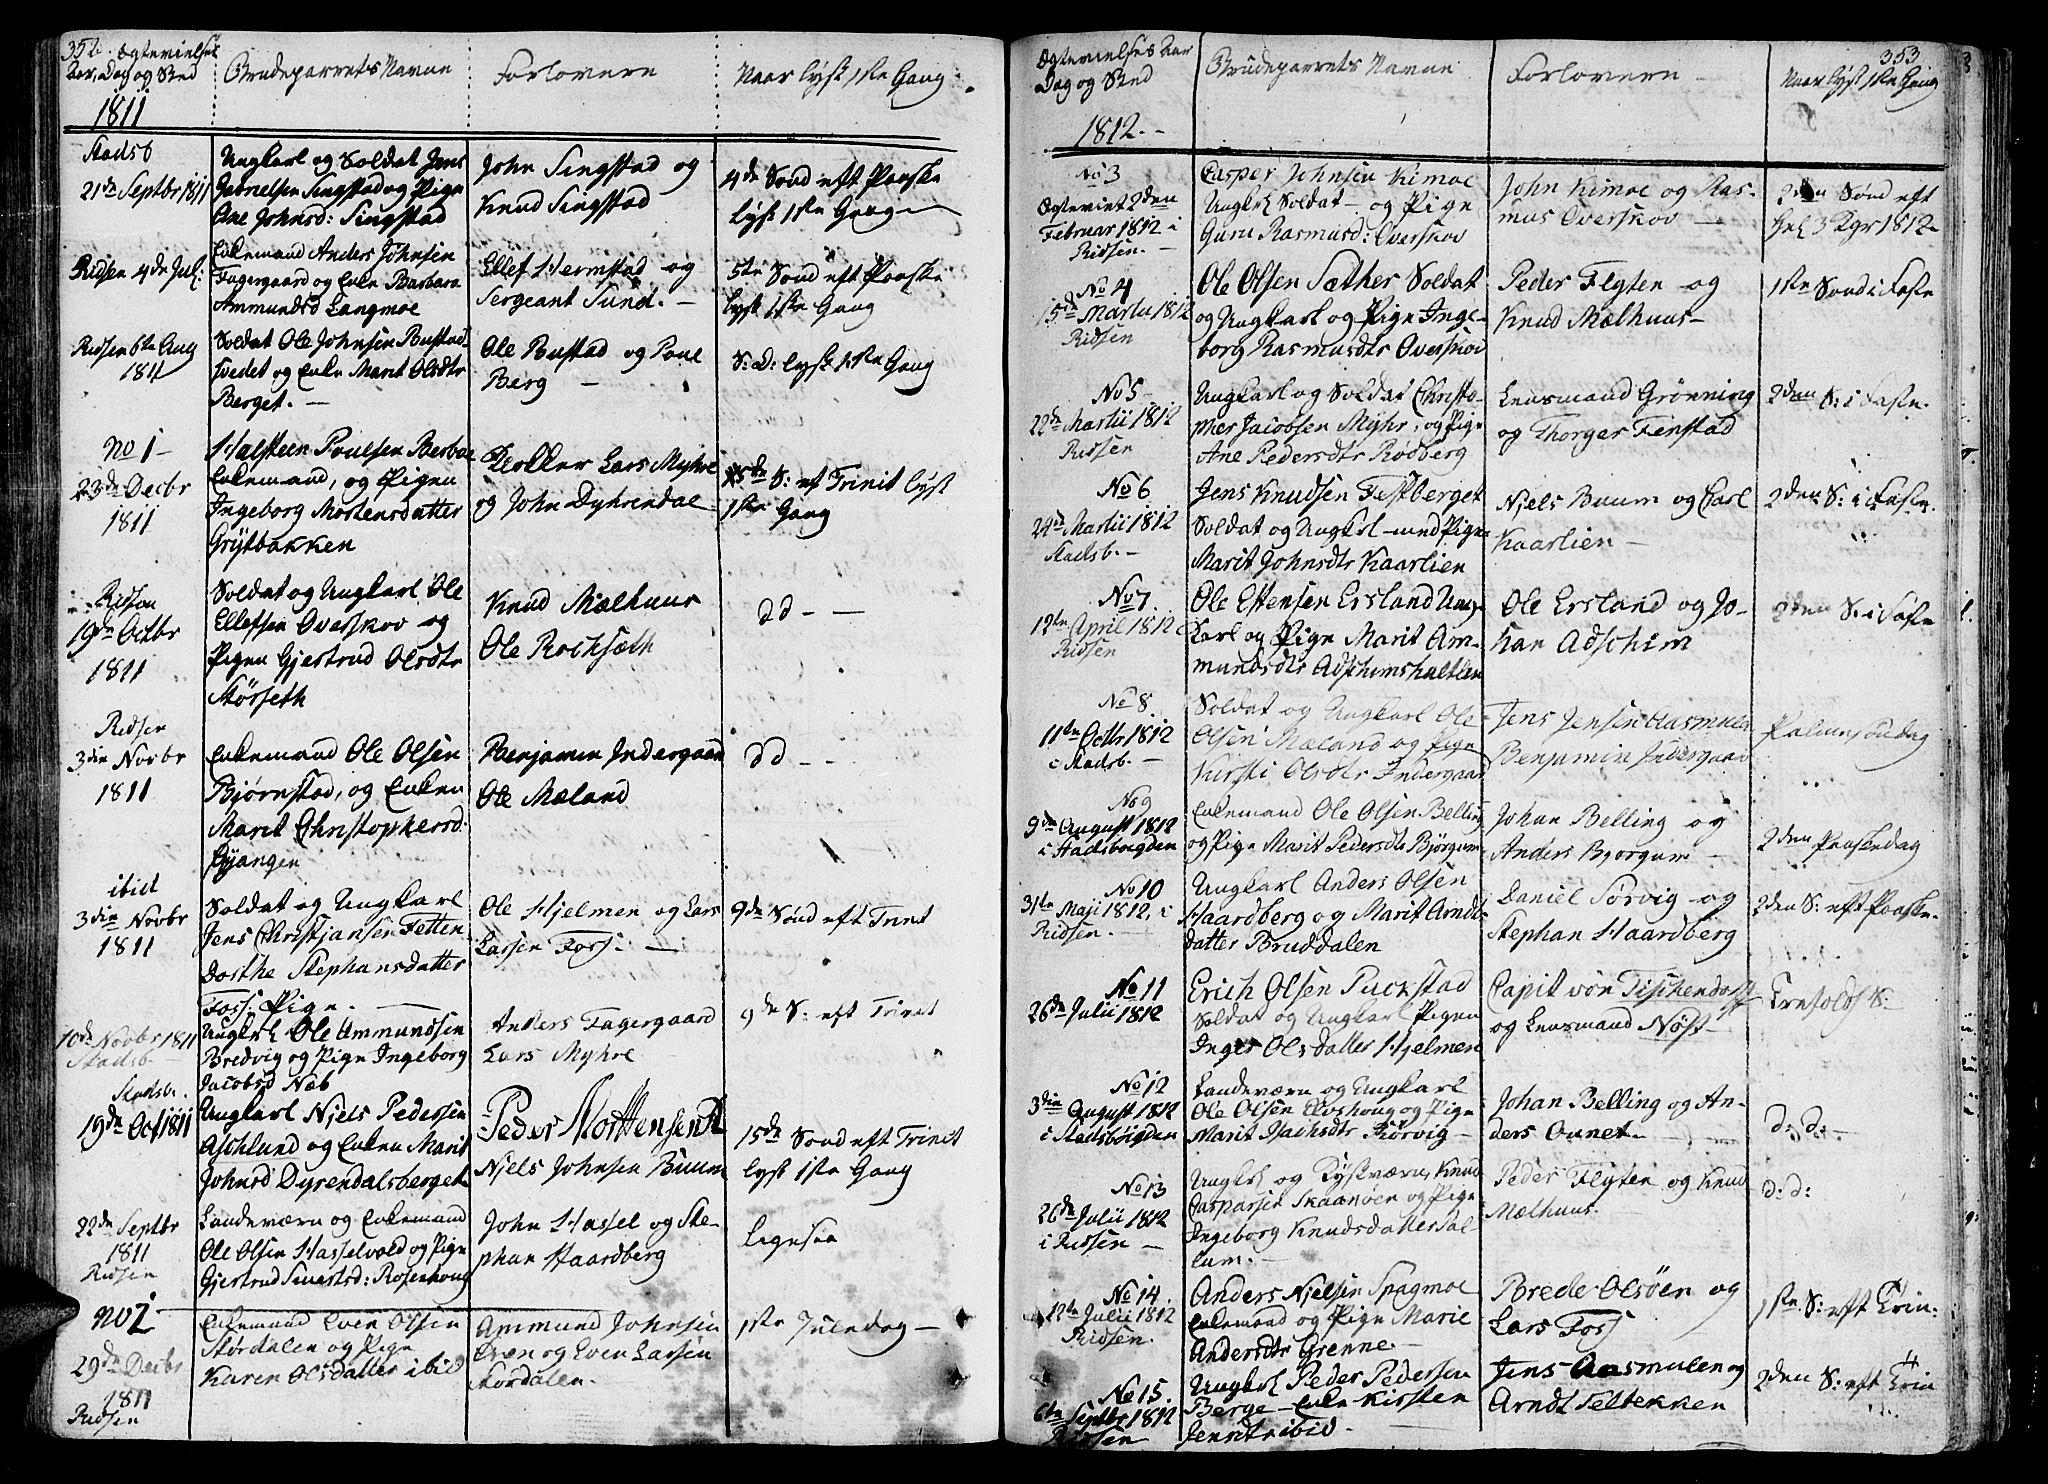 SAT, Ministerialprotokoller, klokkerbøker og fødselsregistre - Sør-Trøndelag, 646/L0607: Ministerialbok nr. 646A05, 1806-1815, s. 352-353